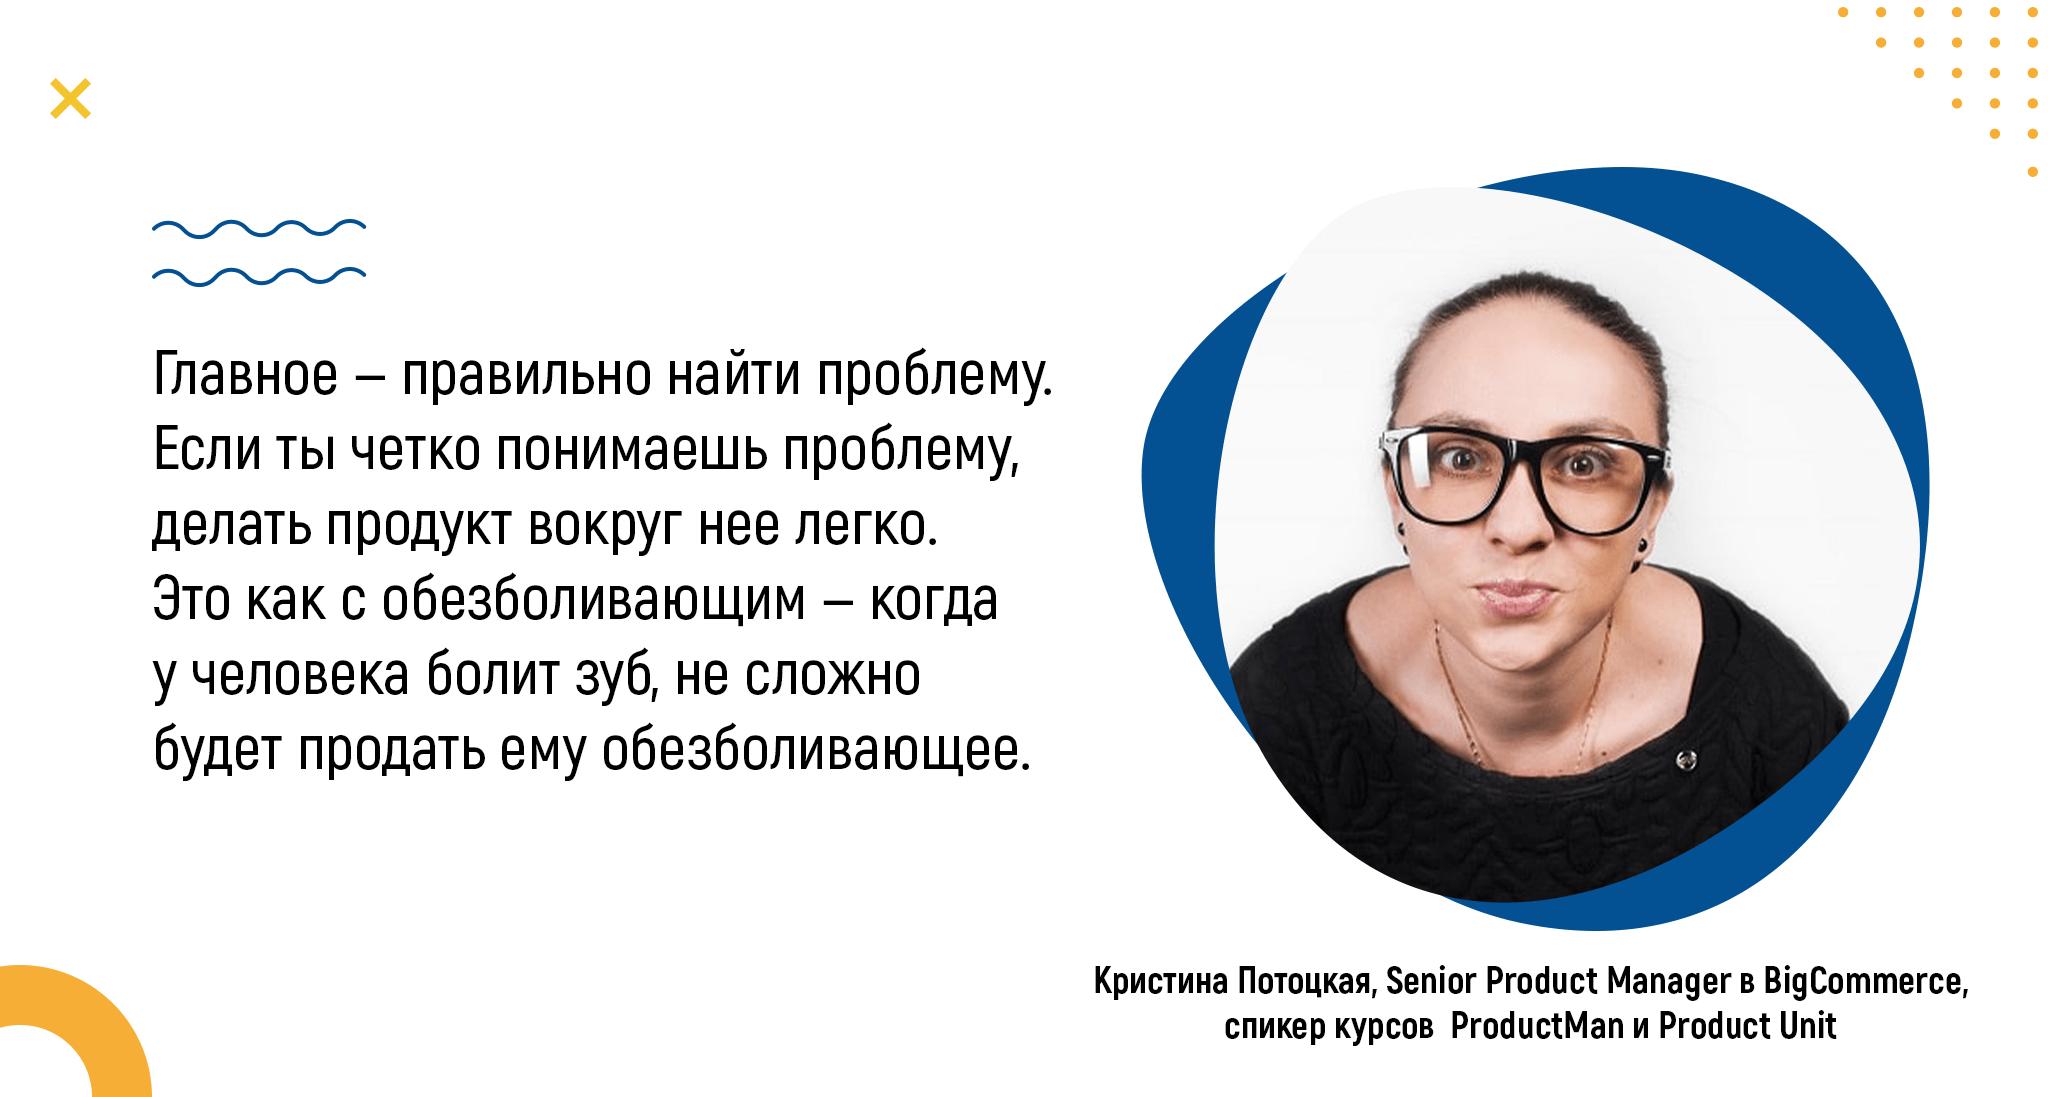 интервью Потоцкая